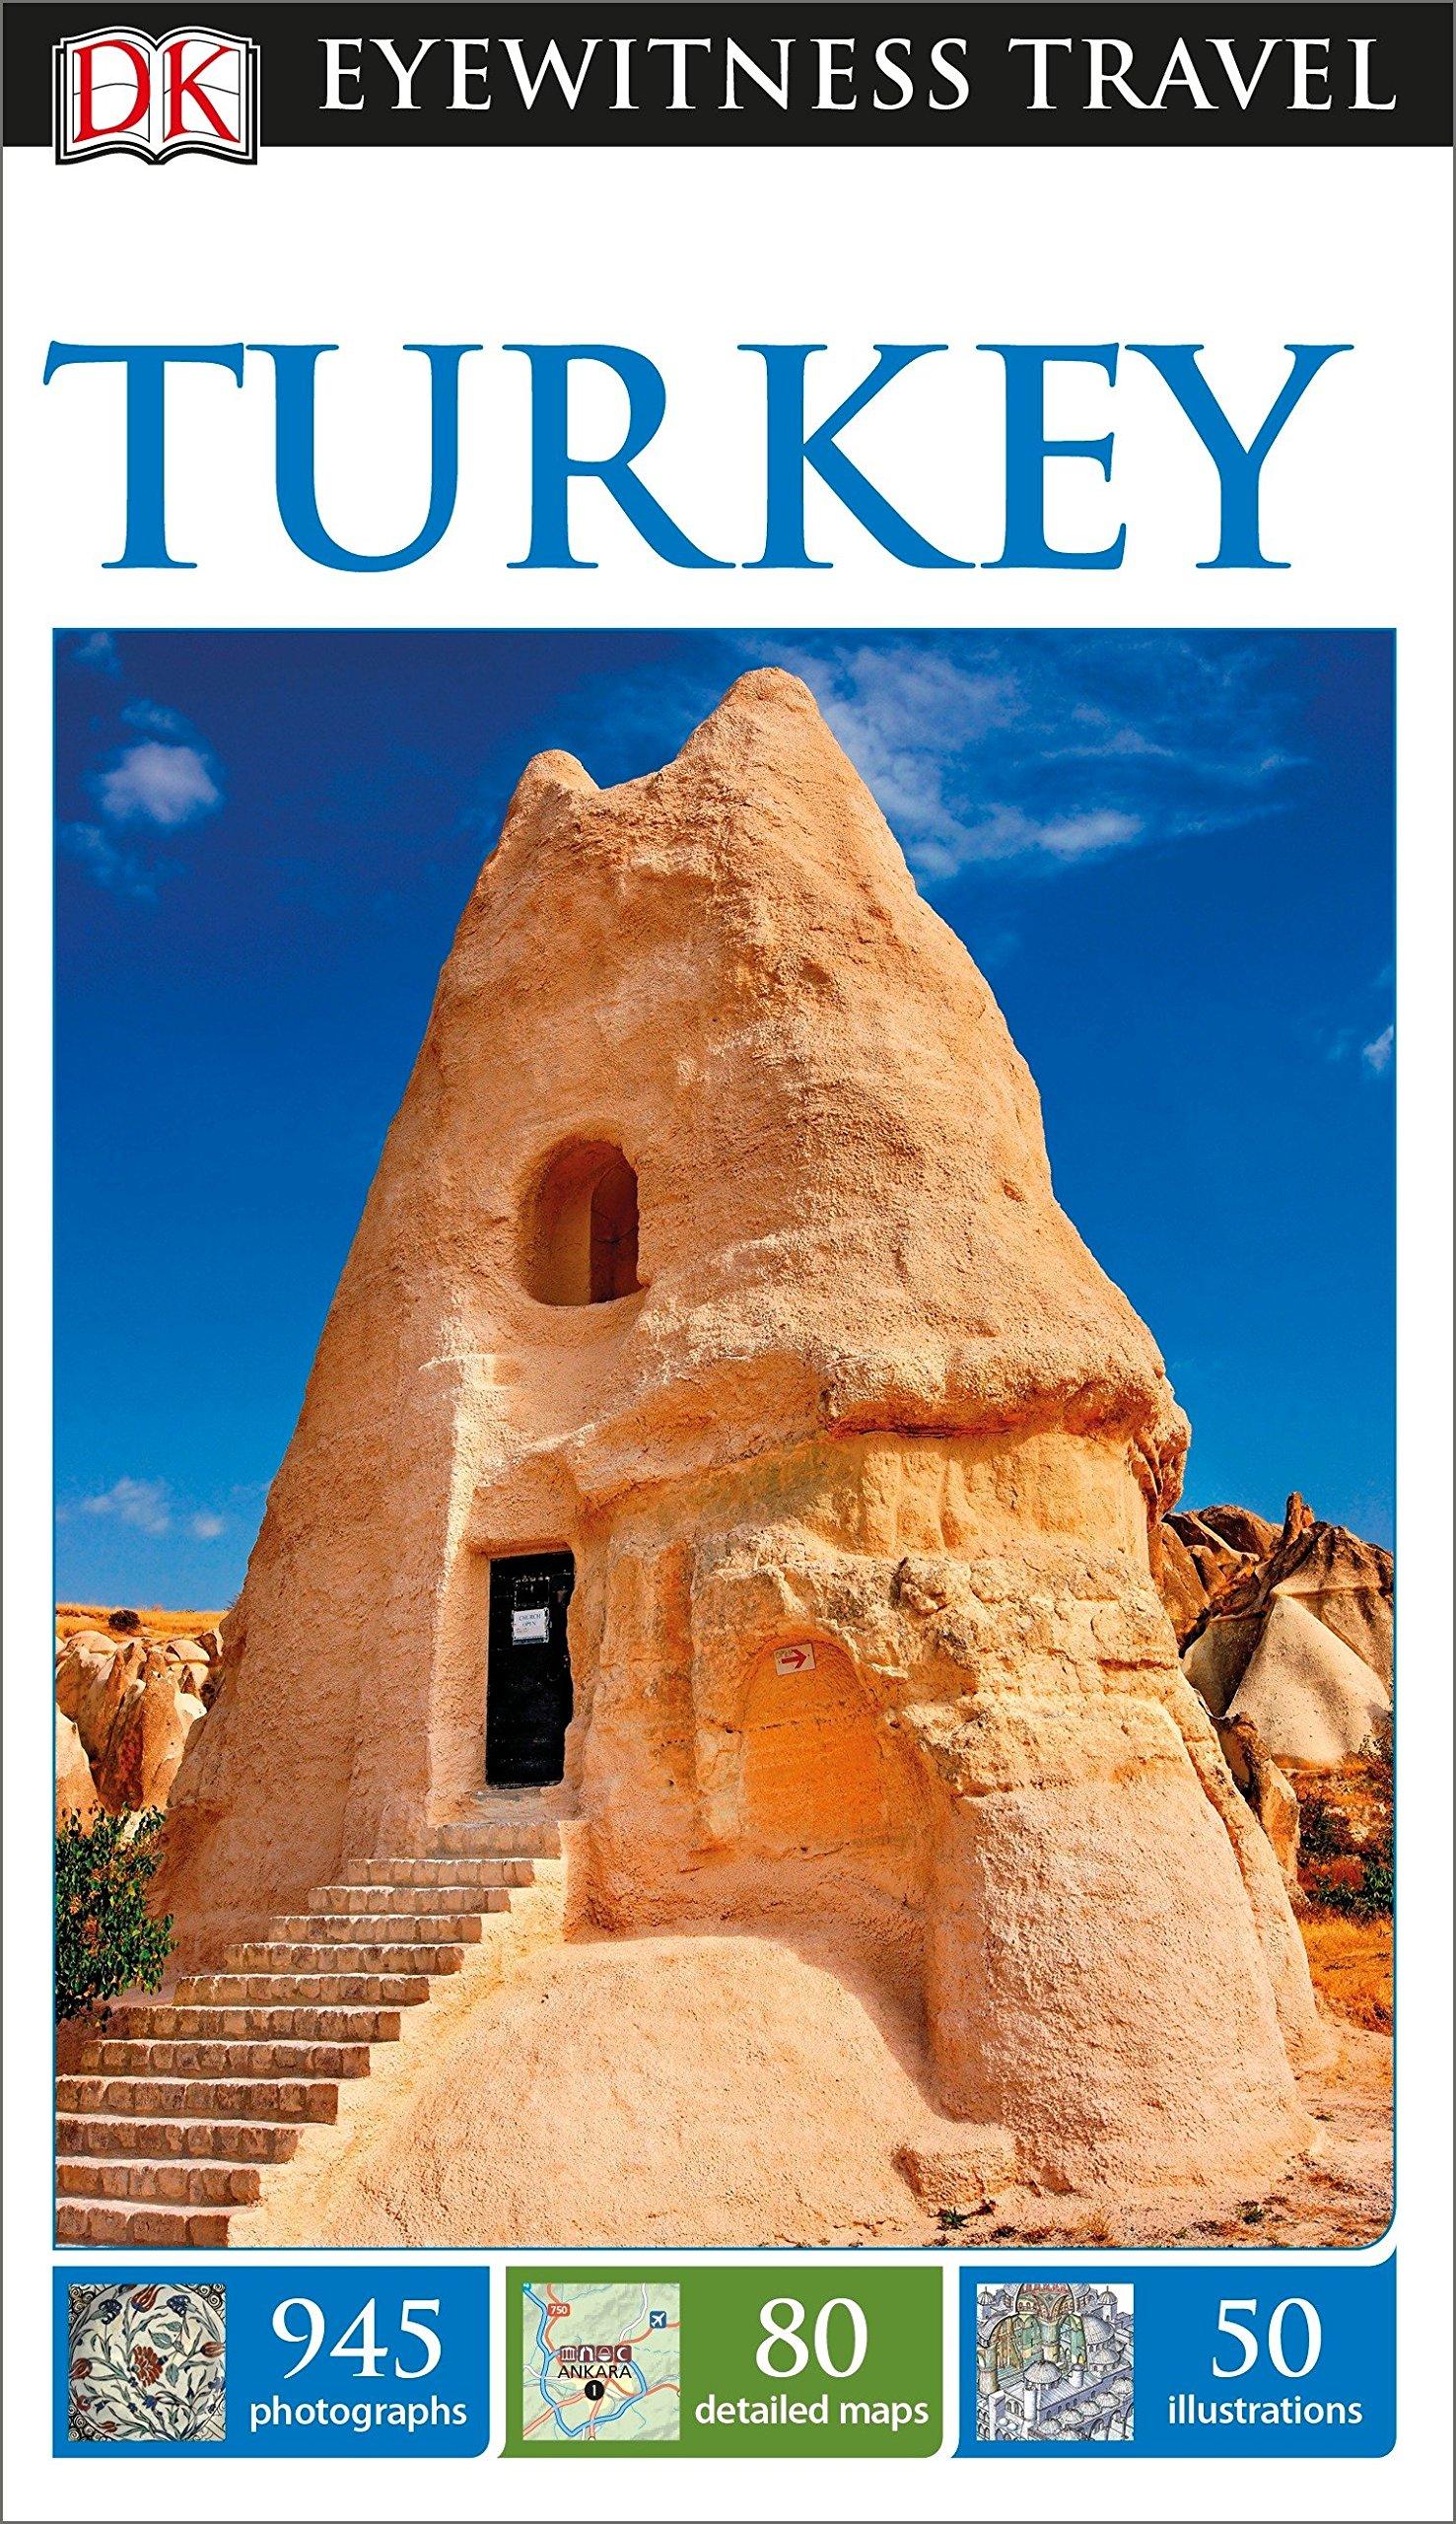 DK Eyewitness Travel Guide Turkey by Dk Pub